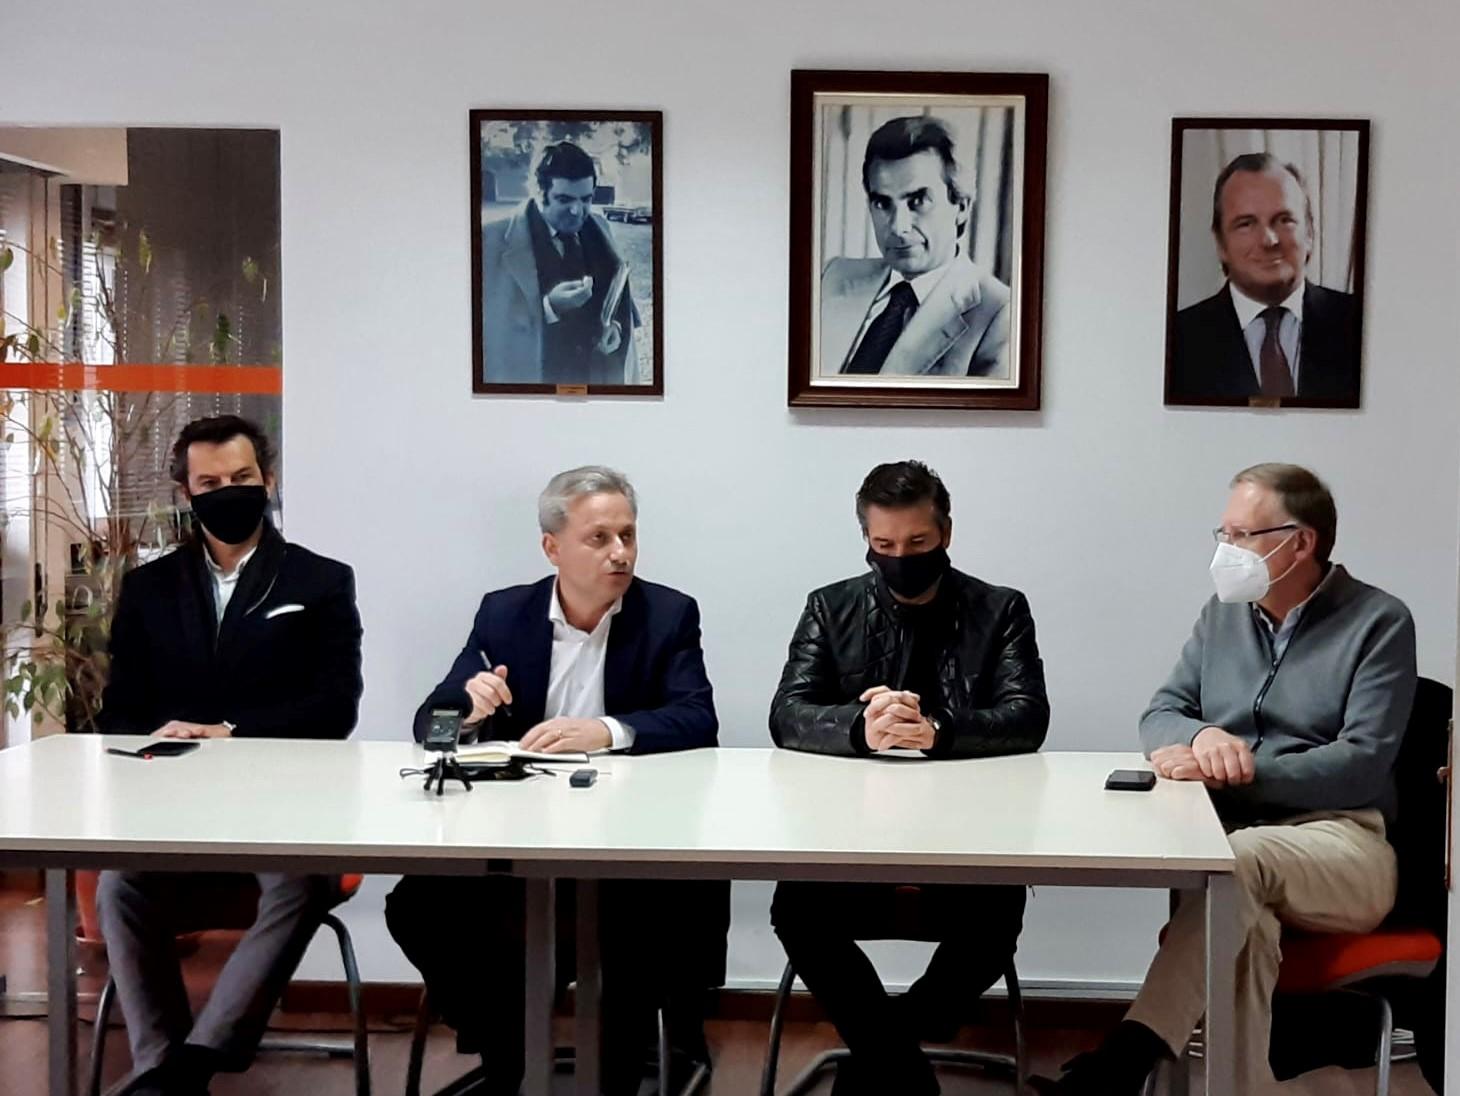 PSD Guarda: Votar contra a redução das portagens foi um ato de traição do PS